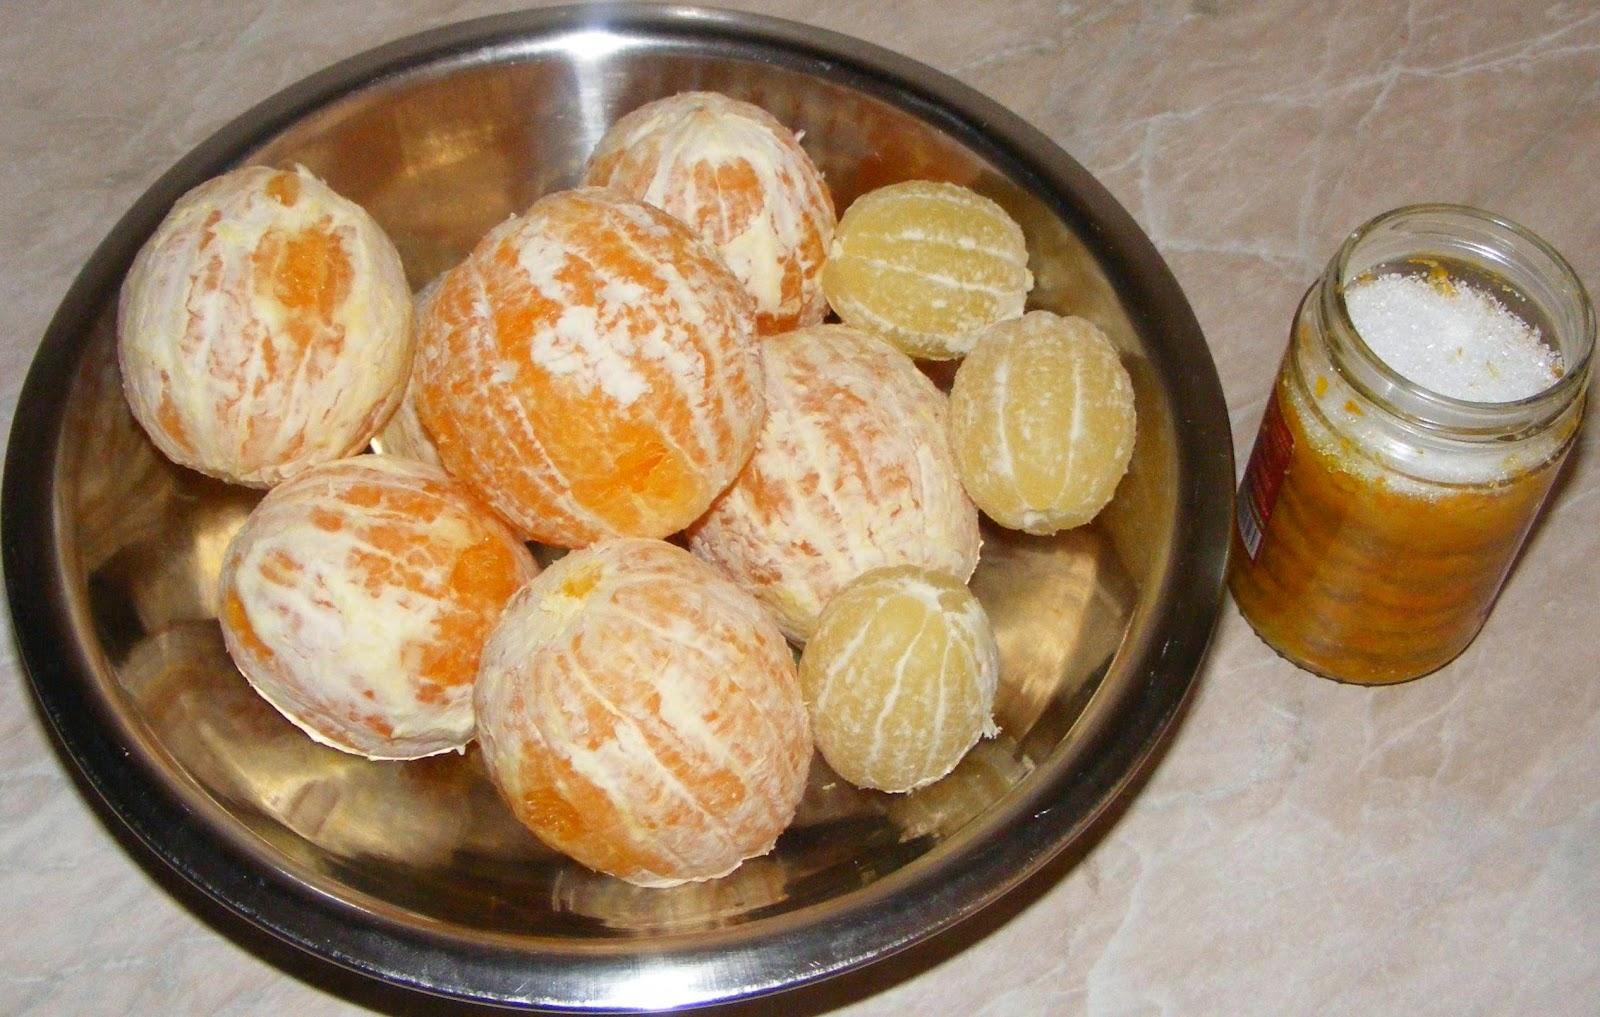 ingrediente dulceata de portocale de casa, cum se prepara dulceata de portocale, cum facem dulceata de portocale, retete cu fructe, cum preparam gem si dulceata de casa pentru iarna, reteta cu portocale, retete si preparate culinare cu portocale,